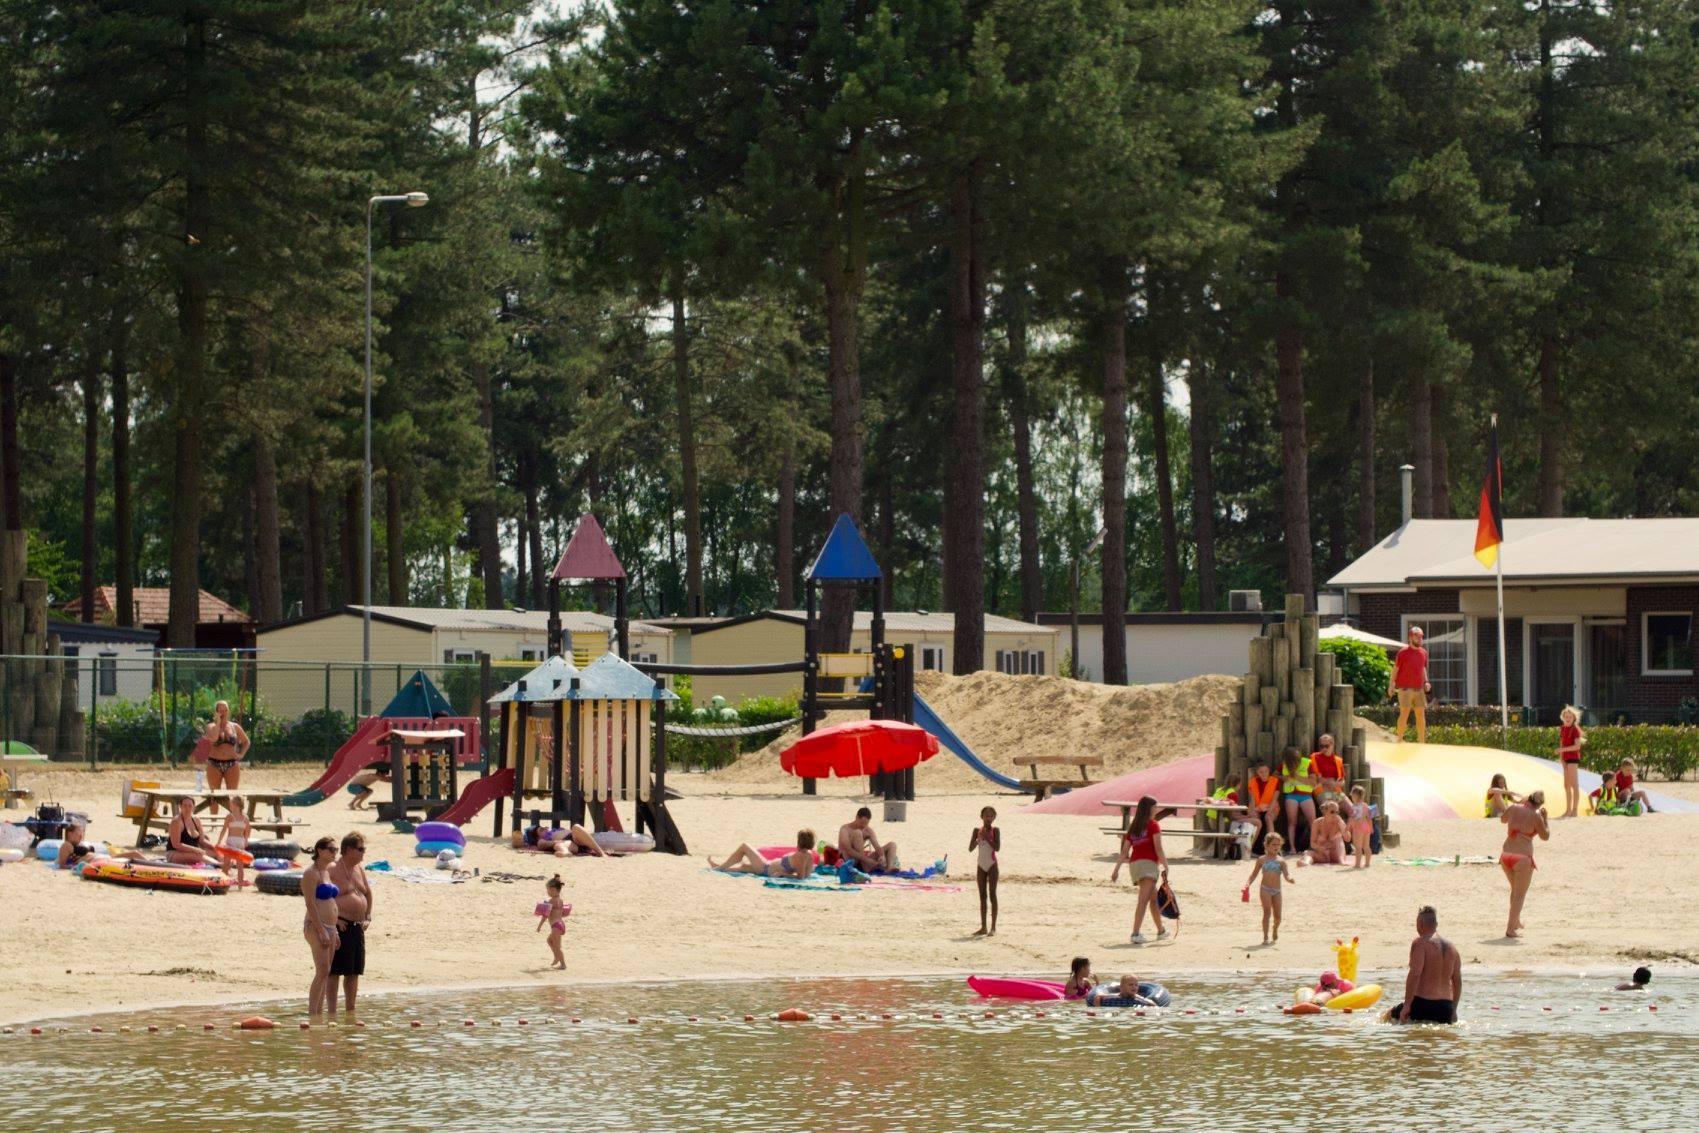 Belgie-Poppel-Vakantiepark%20Tulderheyde-ExtraLarge Campings België